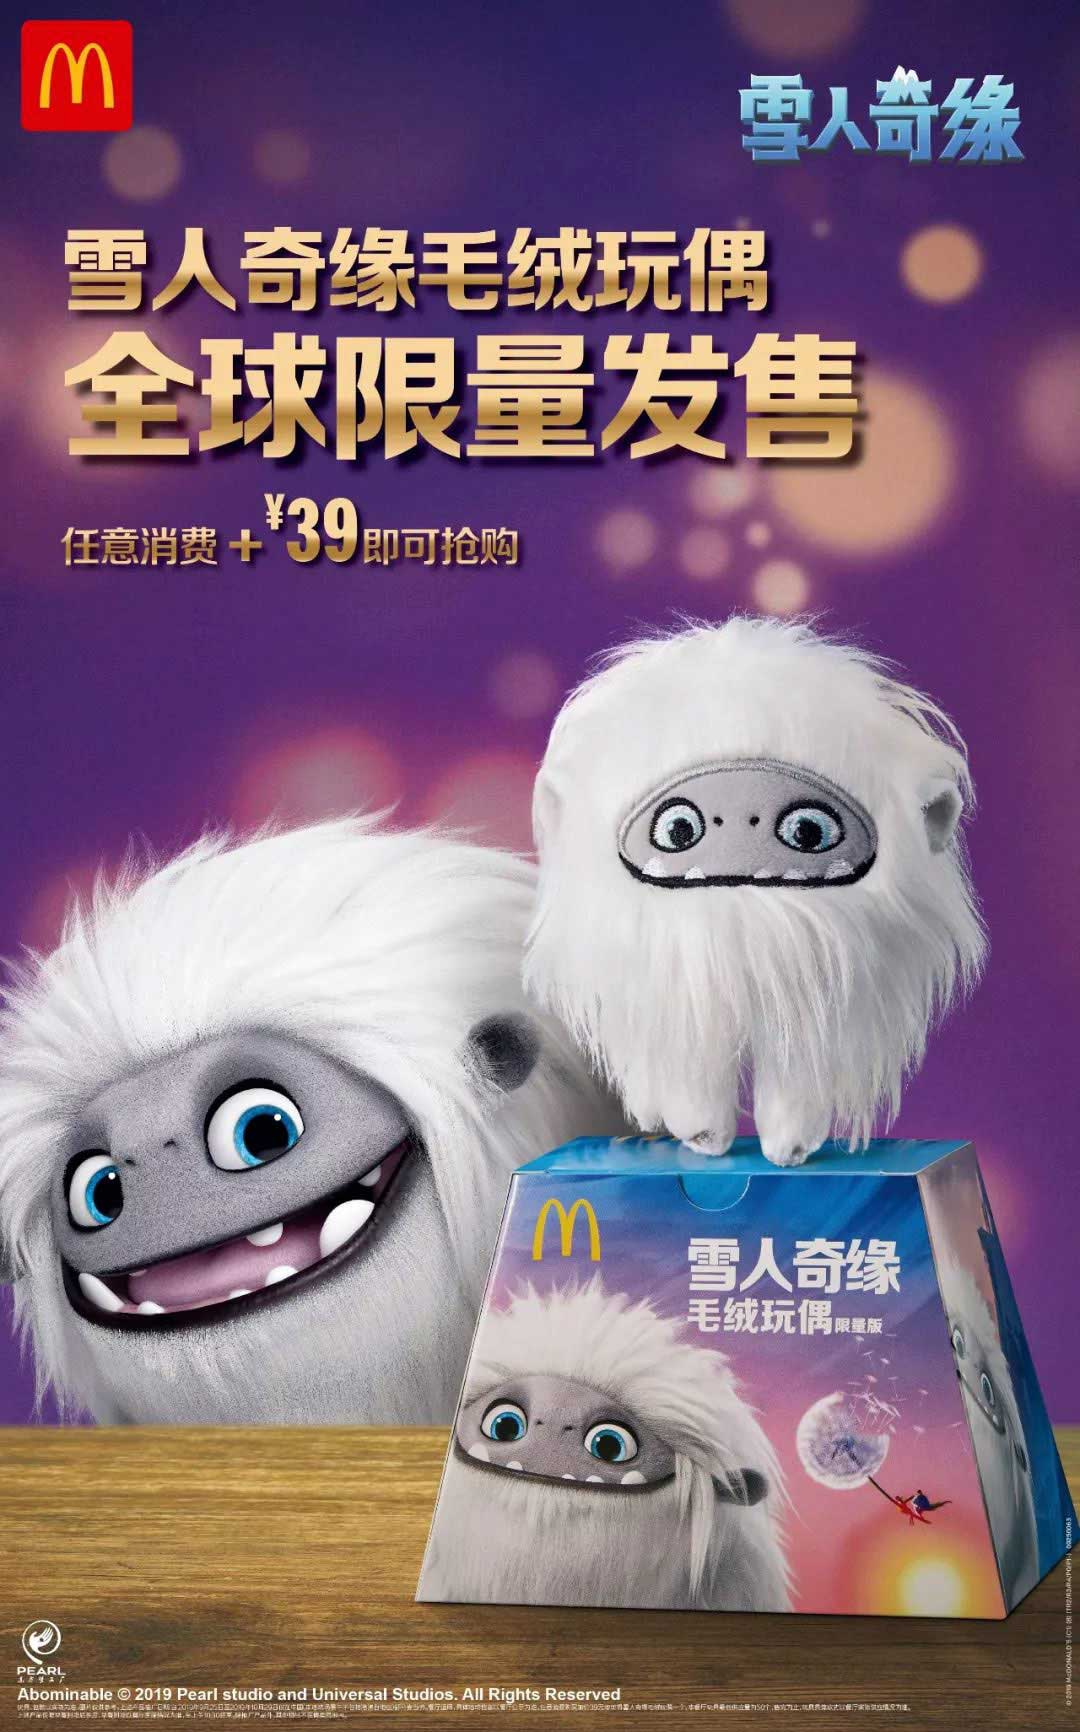 麦当劳雪人奇缘毛绒玩偶全球限量发售,任意消费+39元得雪人奇缘毛绒玩偶一个